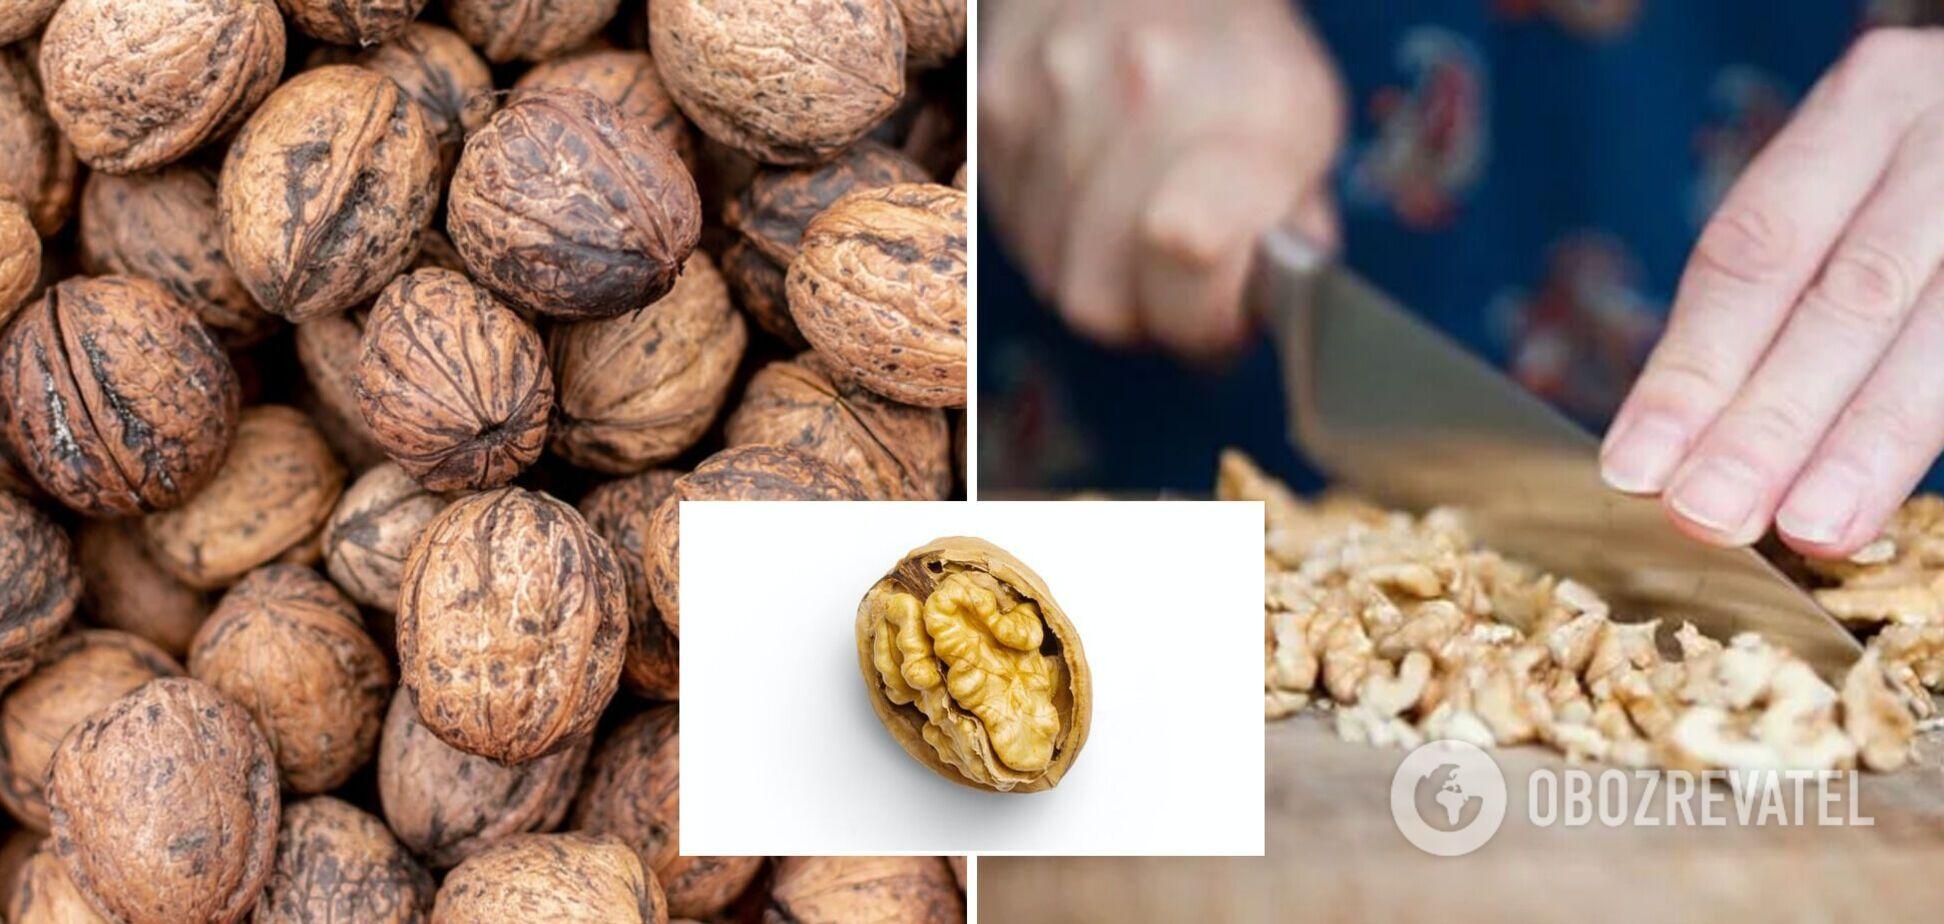 Вчені розповіли про користь вживання горіхів: можуть збільшити шанси на здорову старість